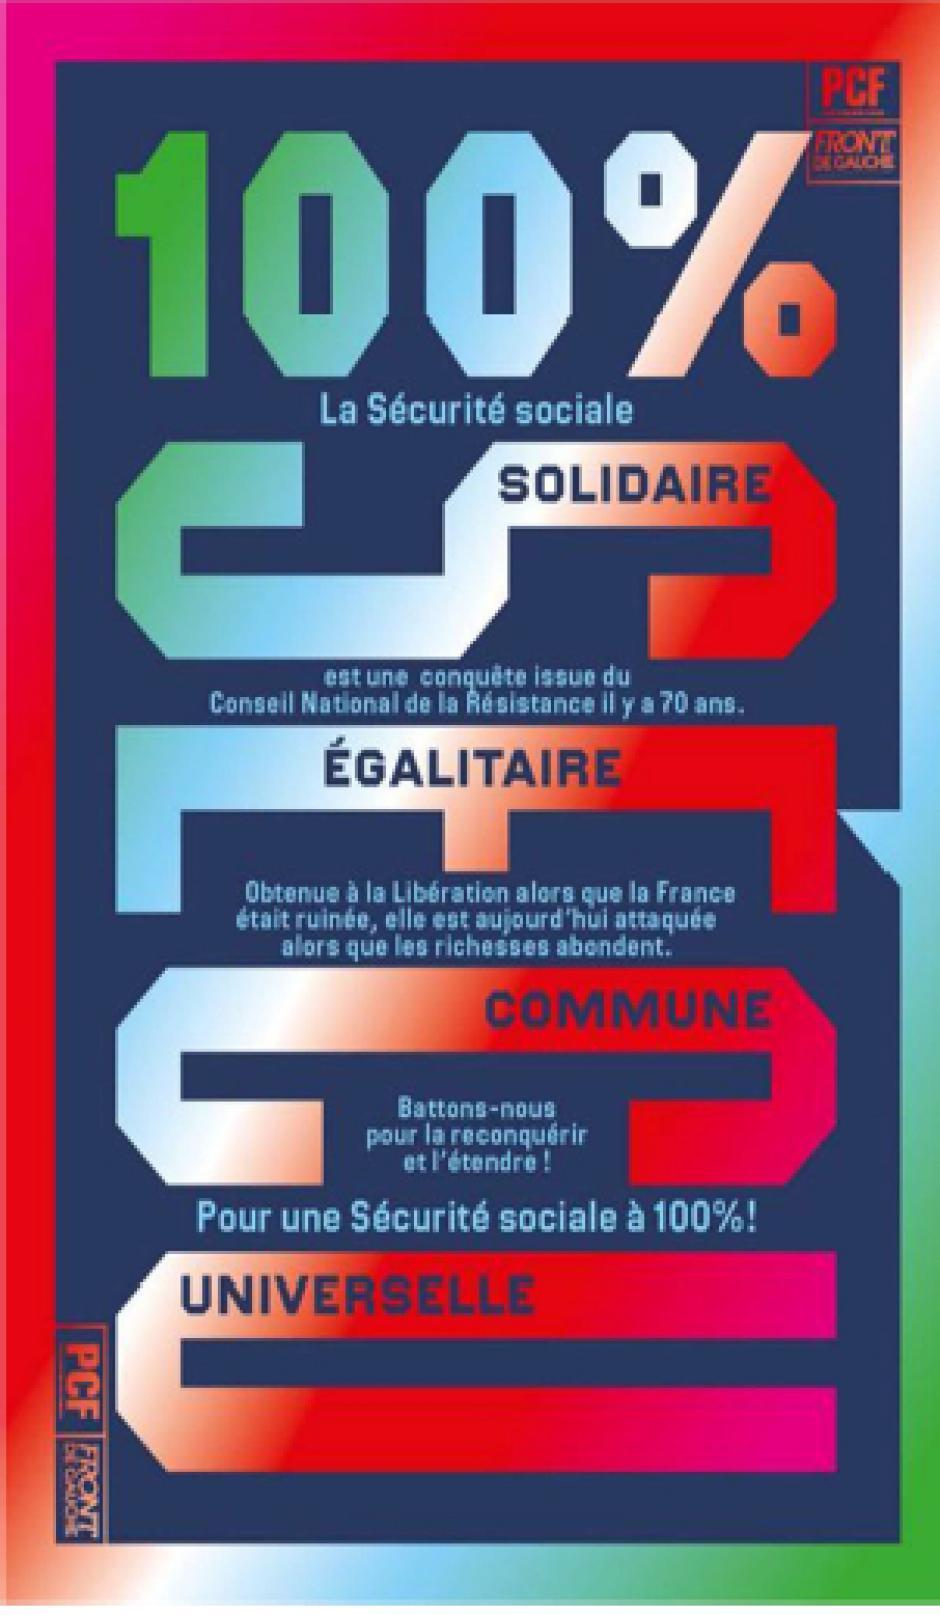 Soirée du 2 octobre pour les 70 ans de la Sécurité sociale - intervention de Michèle Leflon sur l'universalité